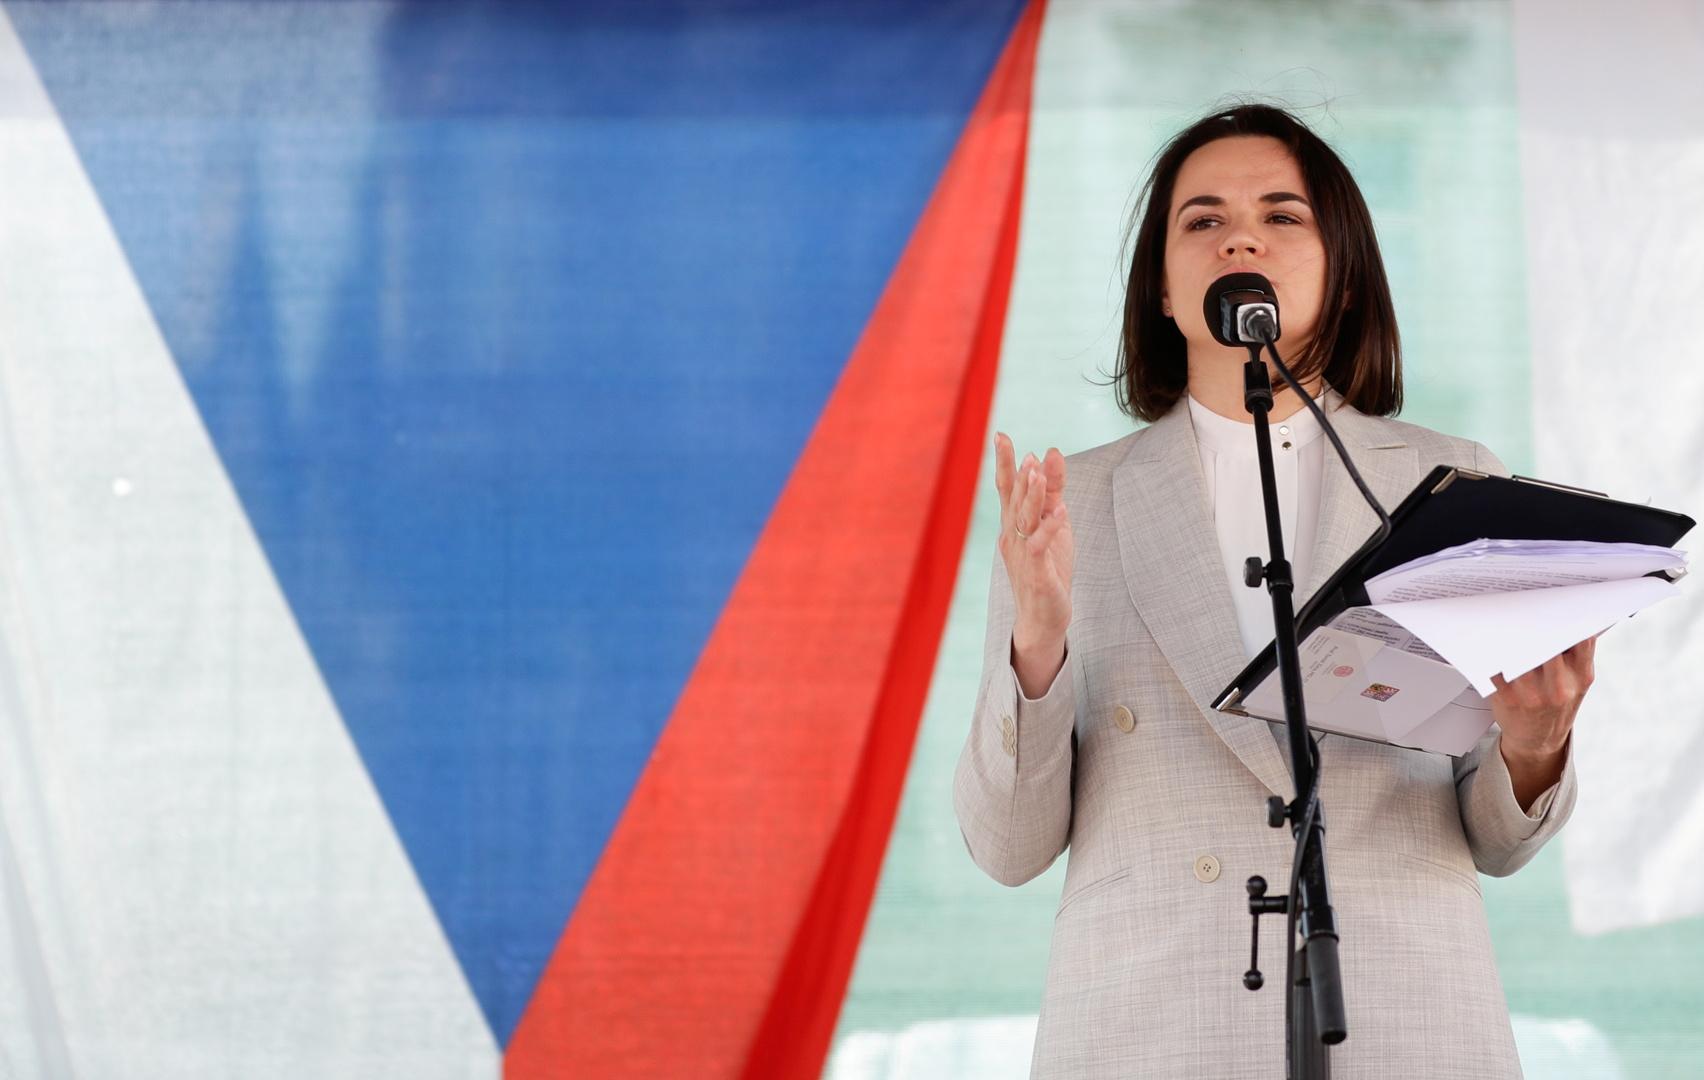 رئيس التشيك يقترح فتح ممثلية للمعارضة البيلاروسية في براغ